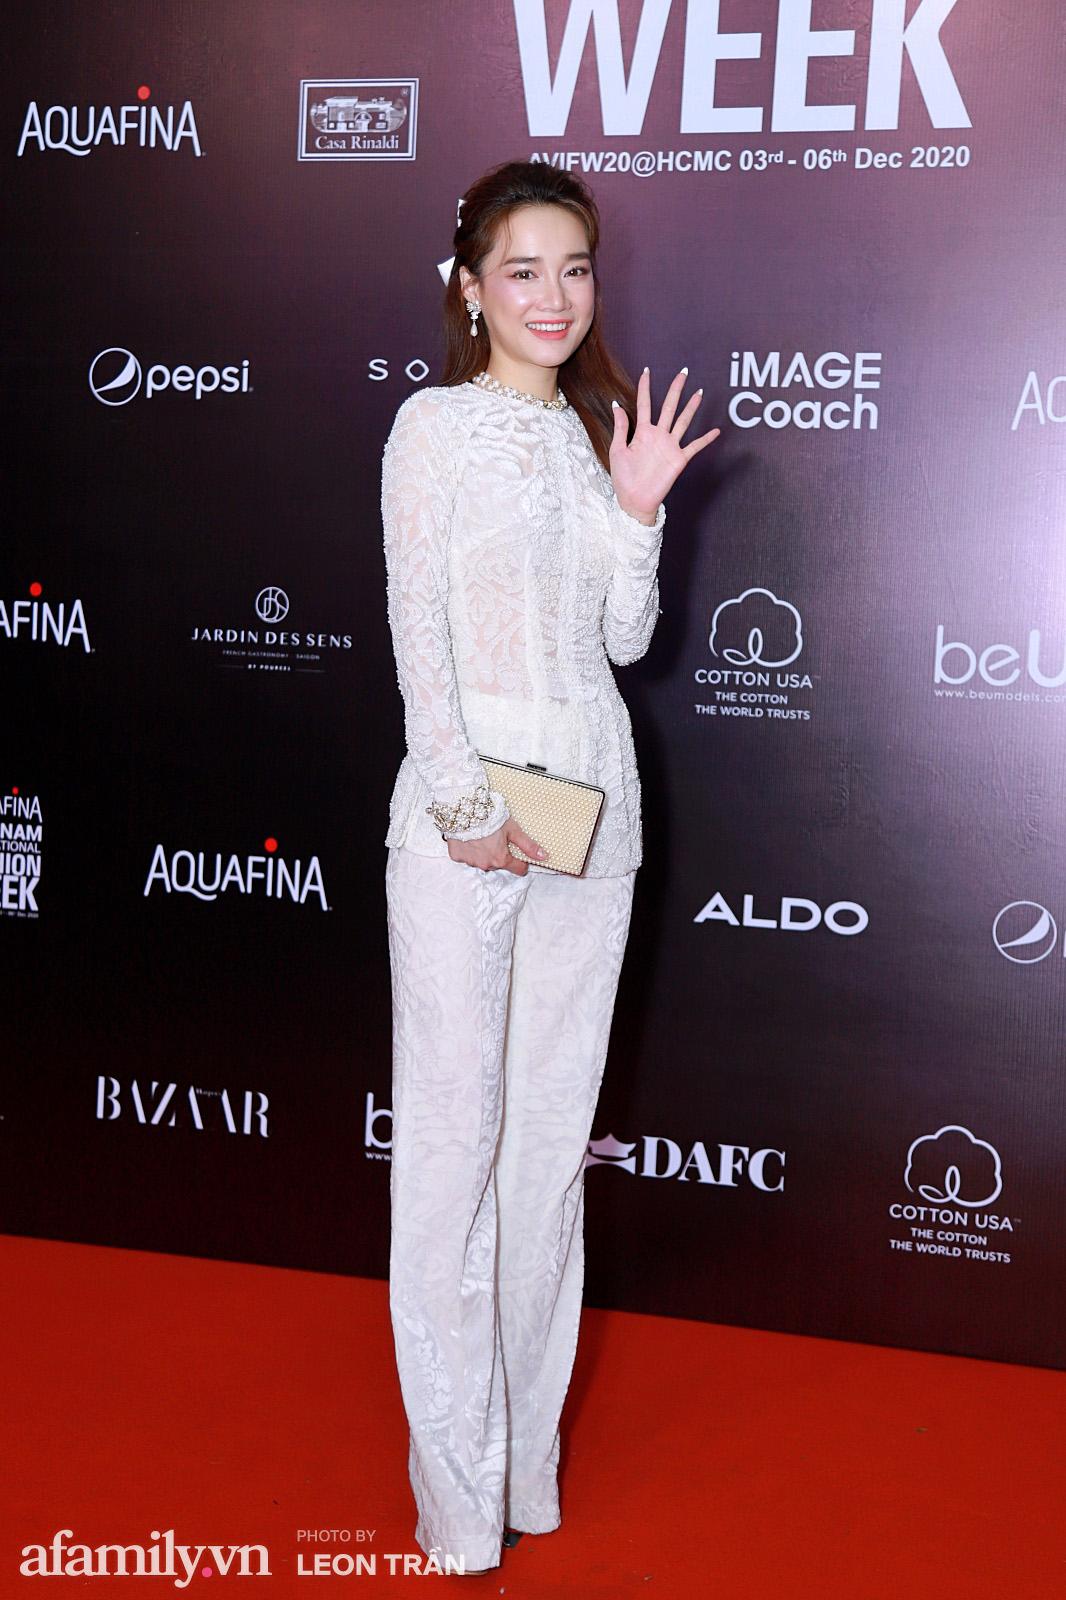 Thảm đỏ Aquafina Vietnam International Fashion Week 2020 ngày 3: Nhã Phương trẻ xinh trong bộ ren trắng, Diệu Nhi nhìn khác lạ trong bộ áo dài cách tân  - Ảnh 1.